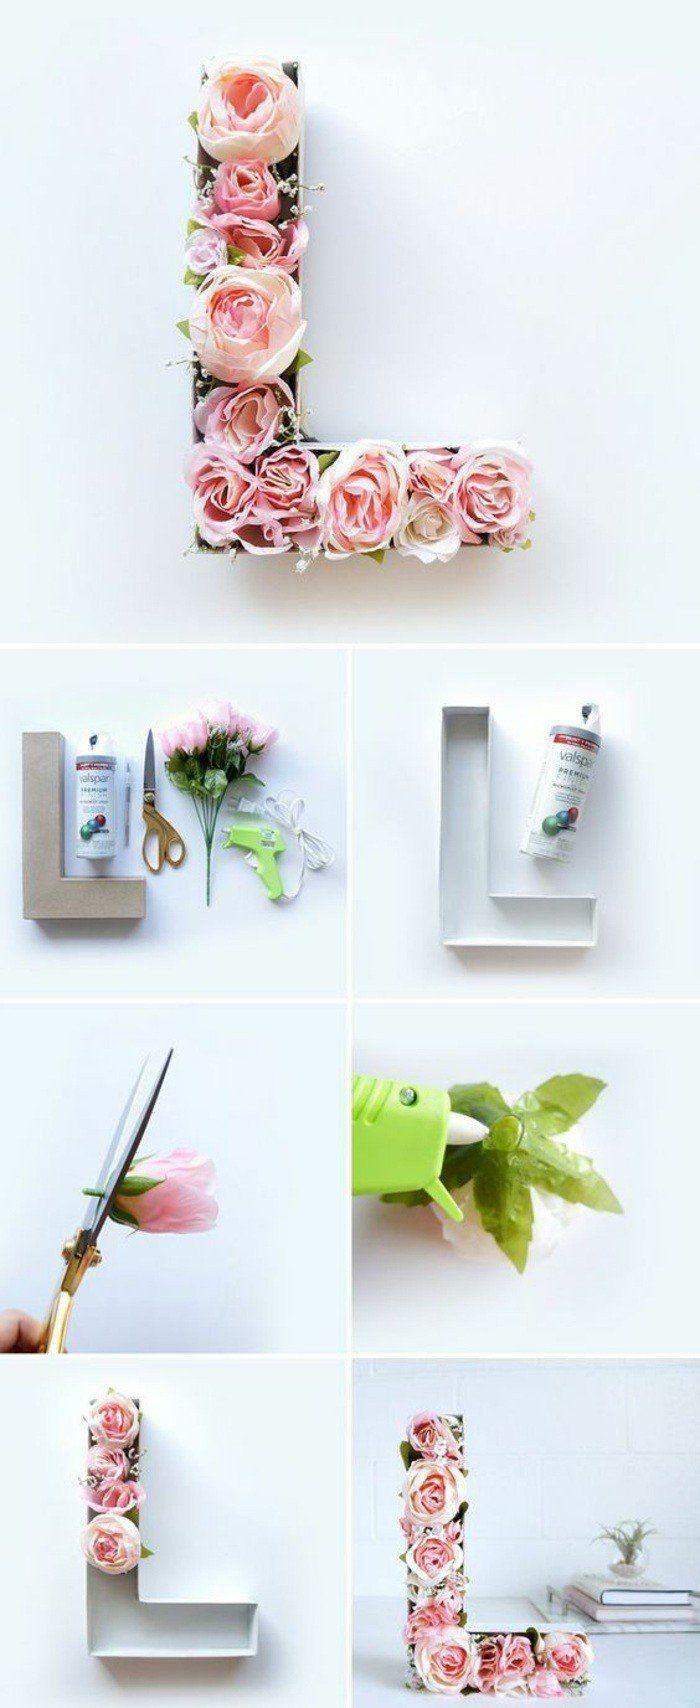 Die besten 25 rosen basteln ideen auf pinterest papierrosen basteln diy rose und papierrosen - Fruhlingsdeko selber basteln ...